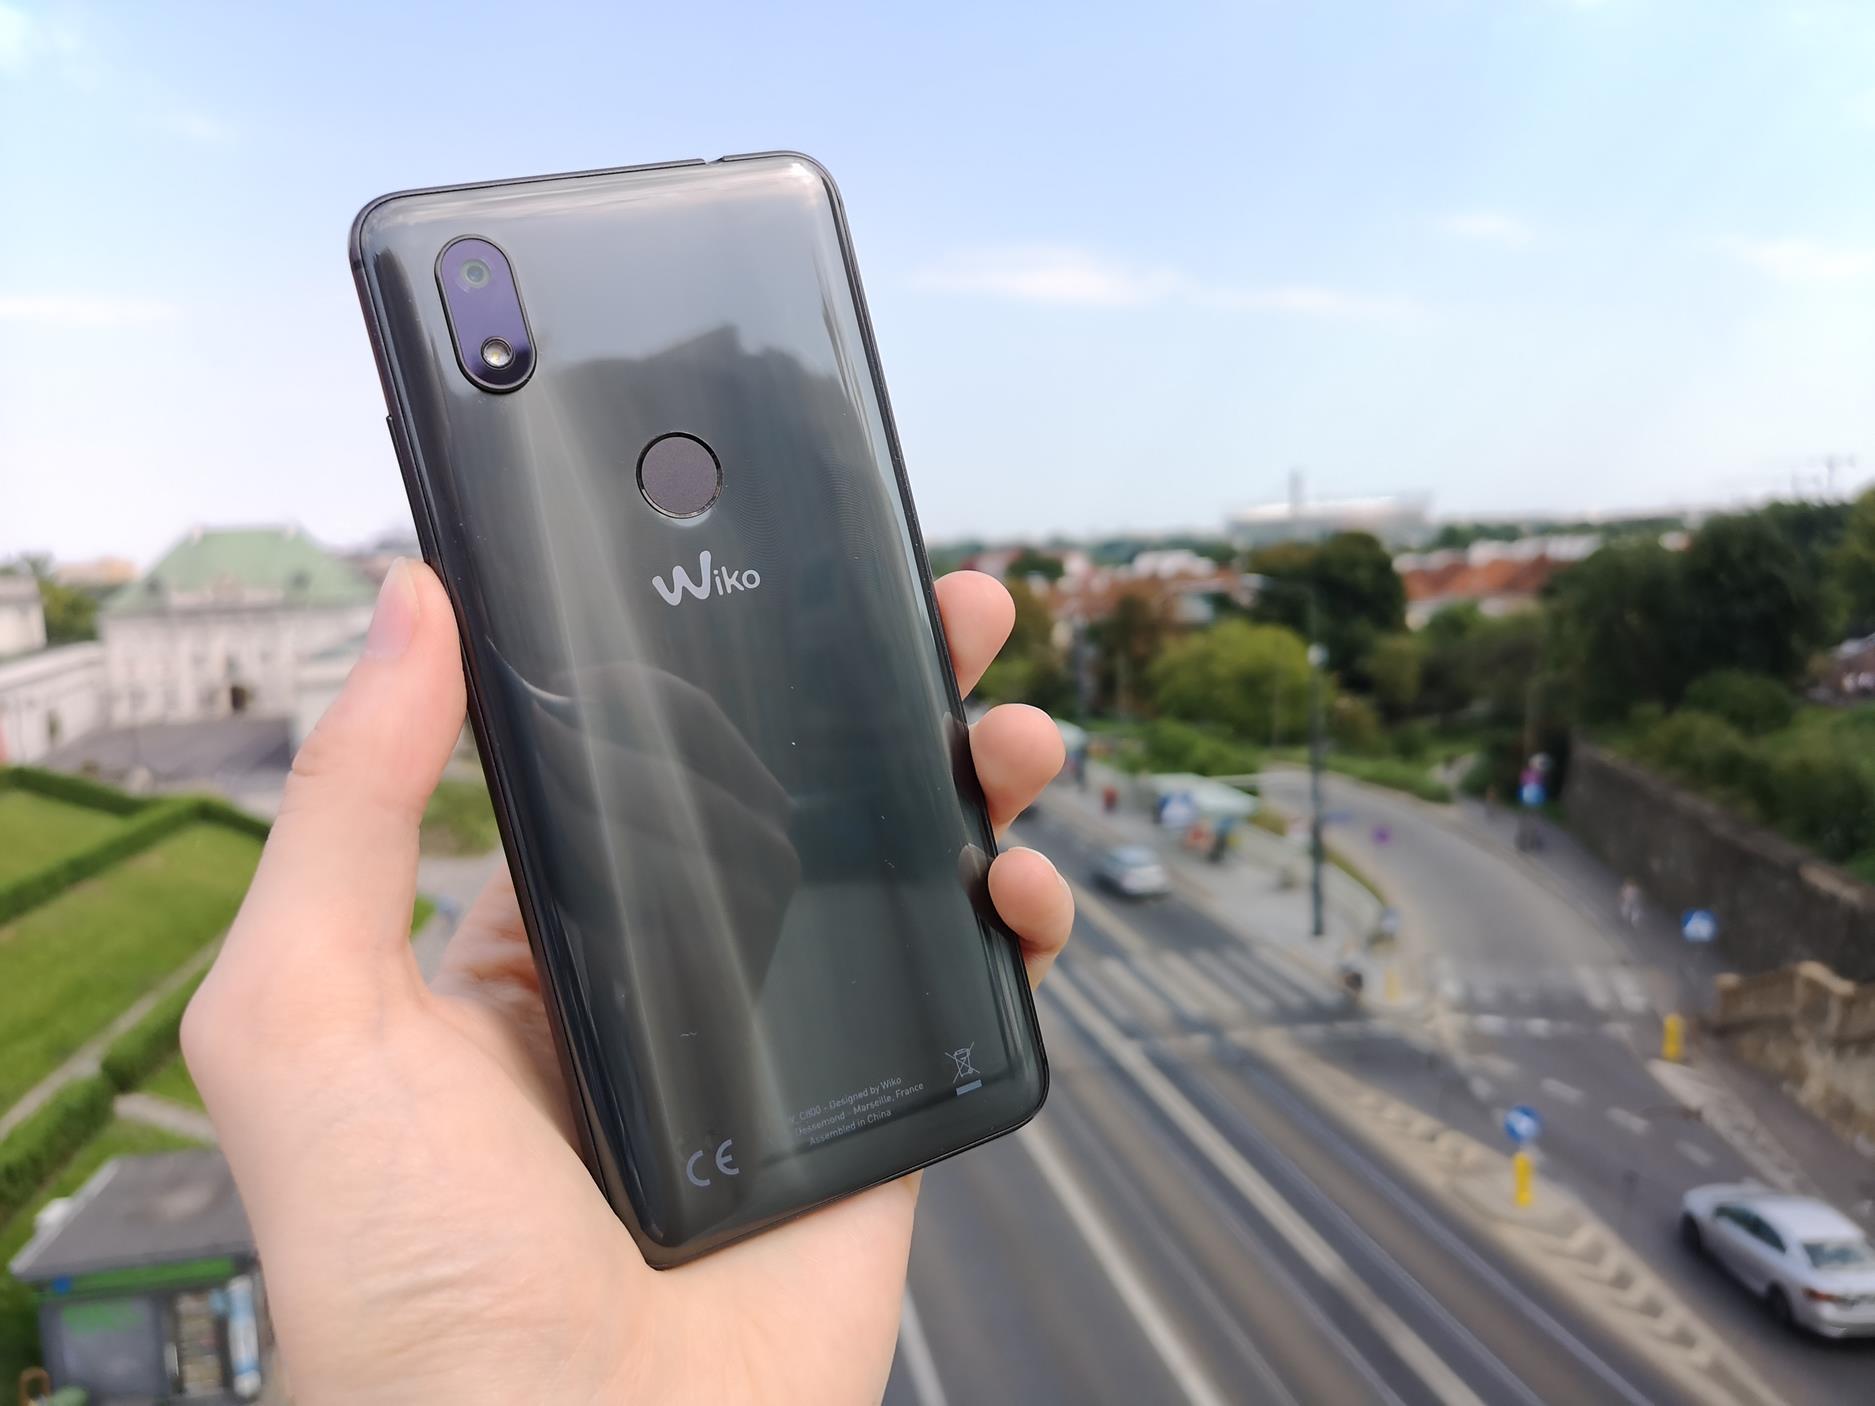 Recenzja Wiko View 2 Smartfona Bez Wiekszych Zaskoczen